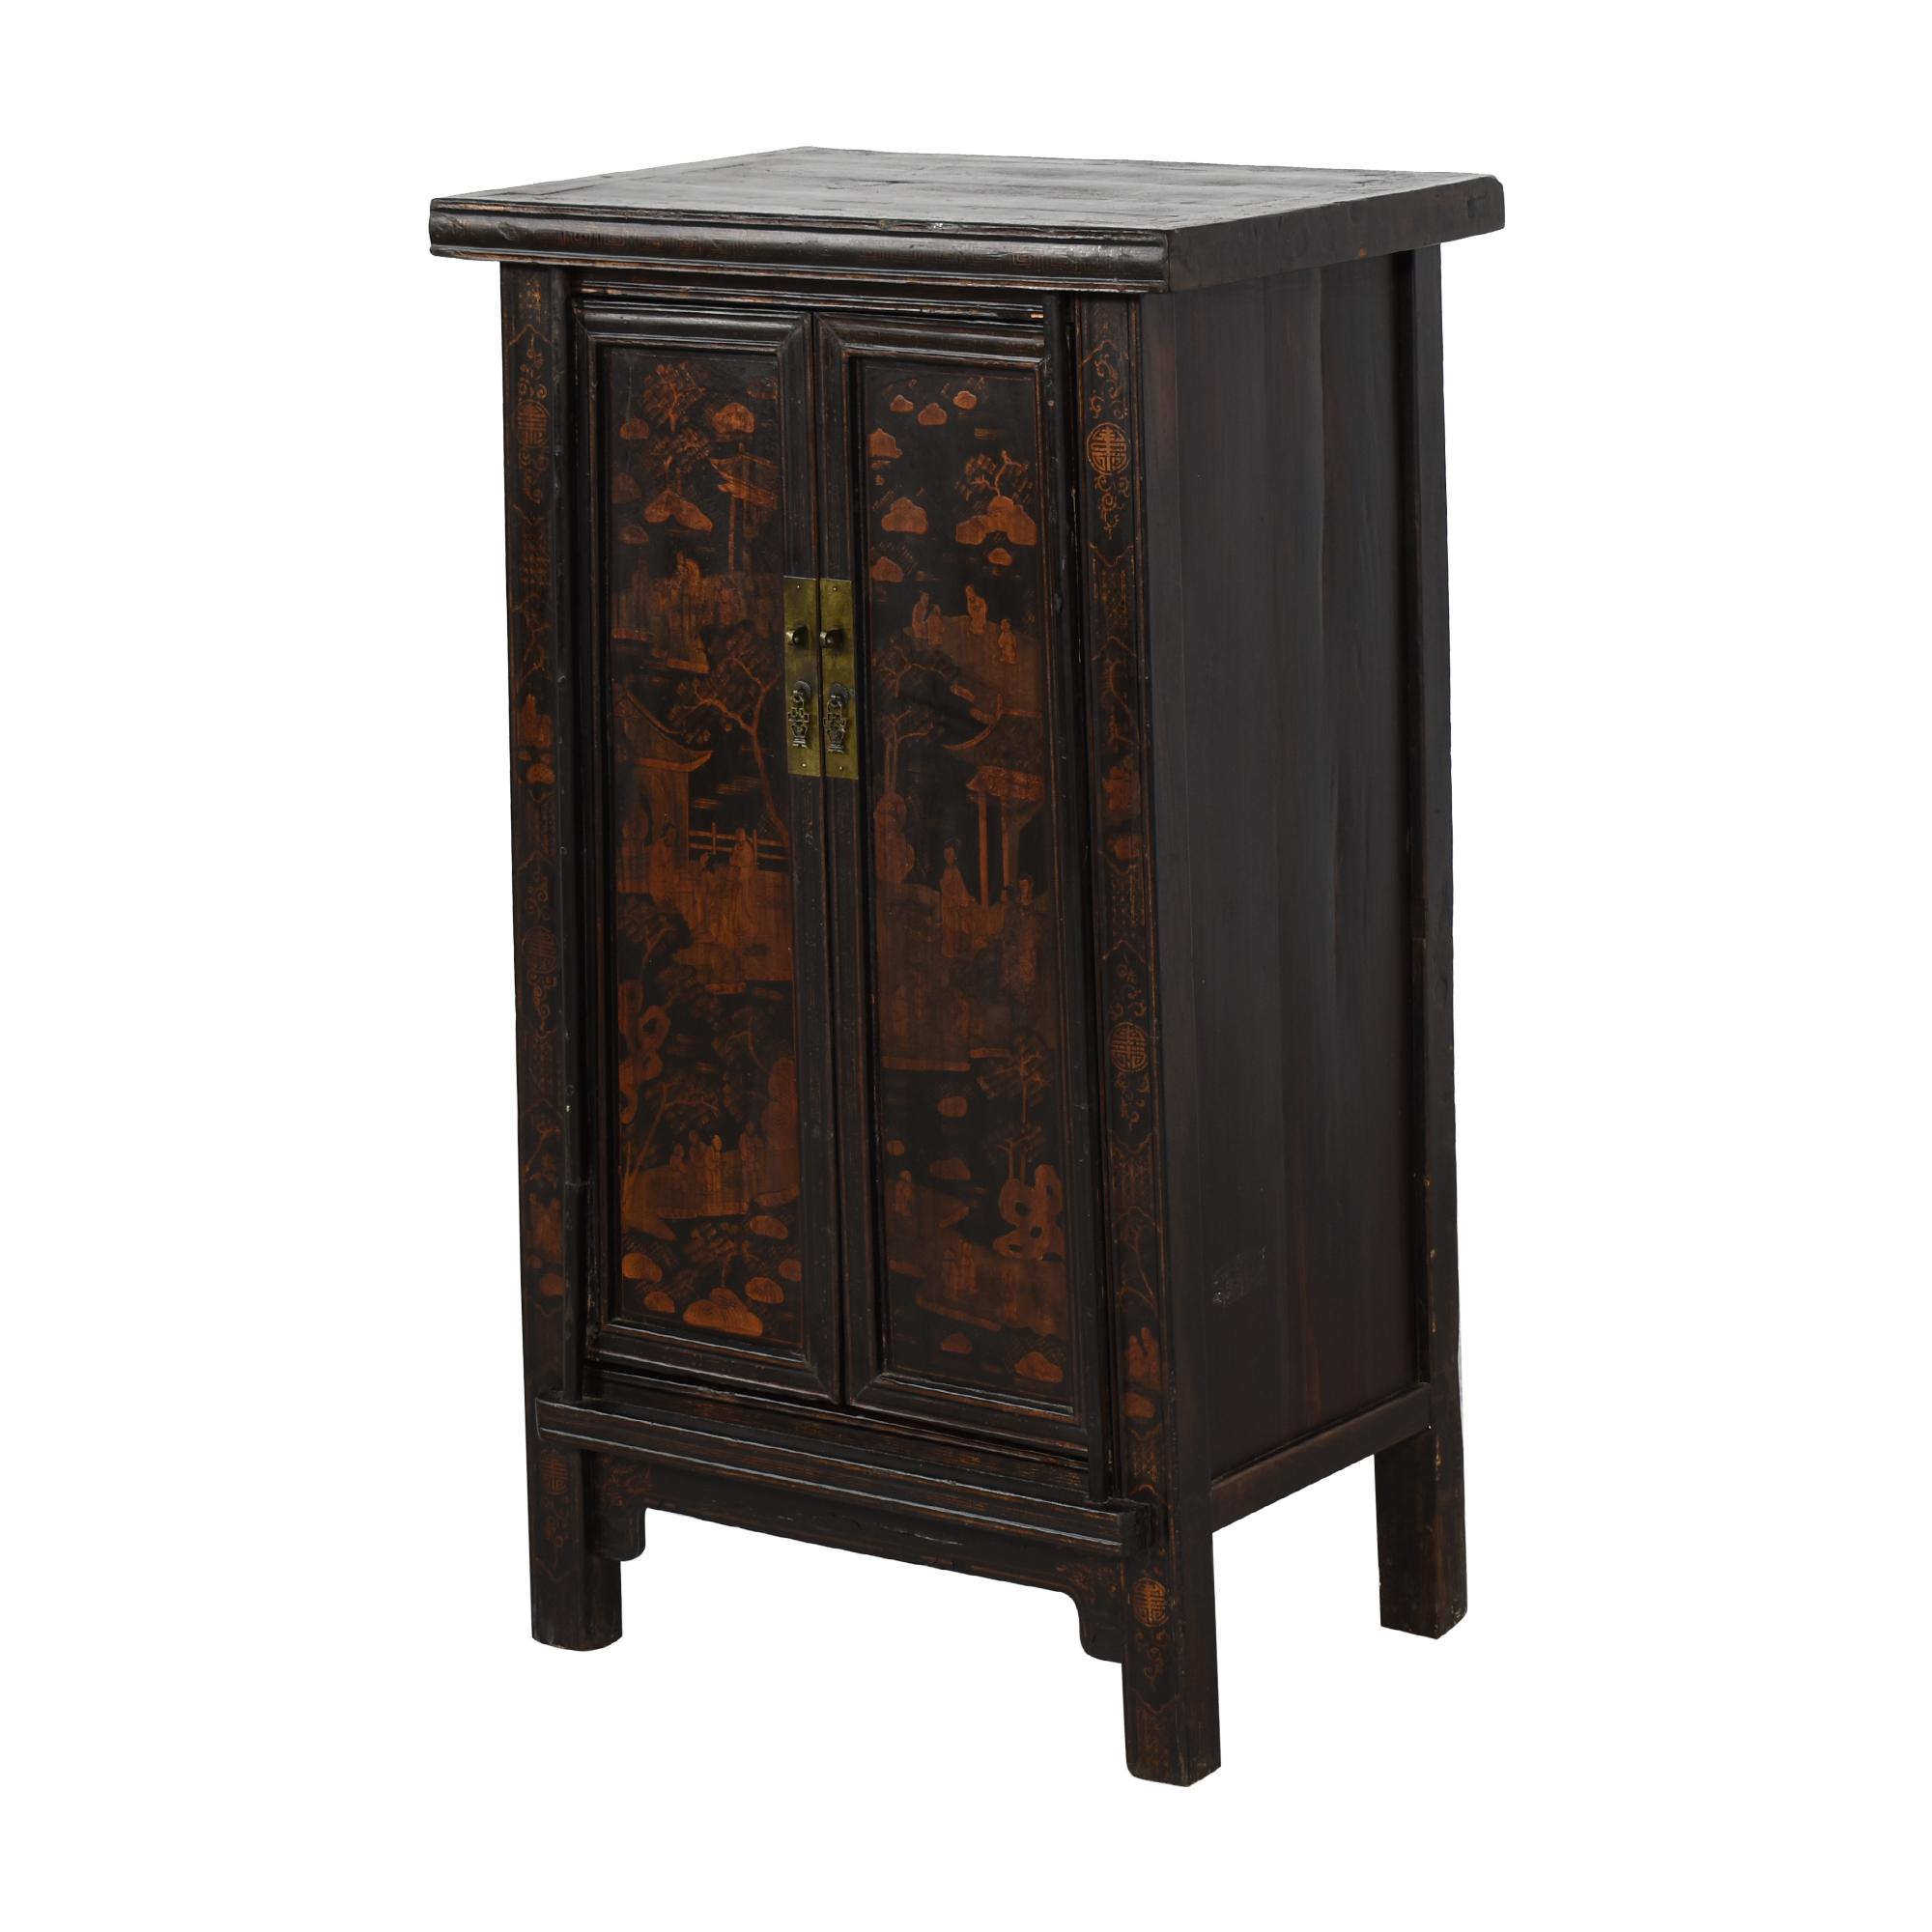 Vintage Black Asian Cabinet nj